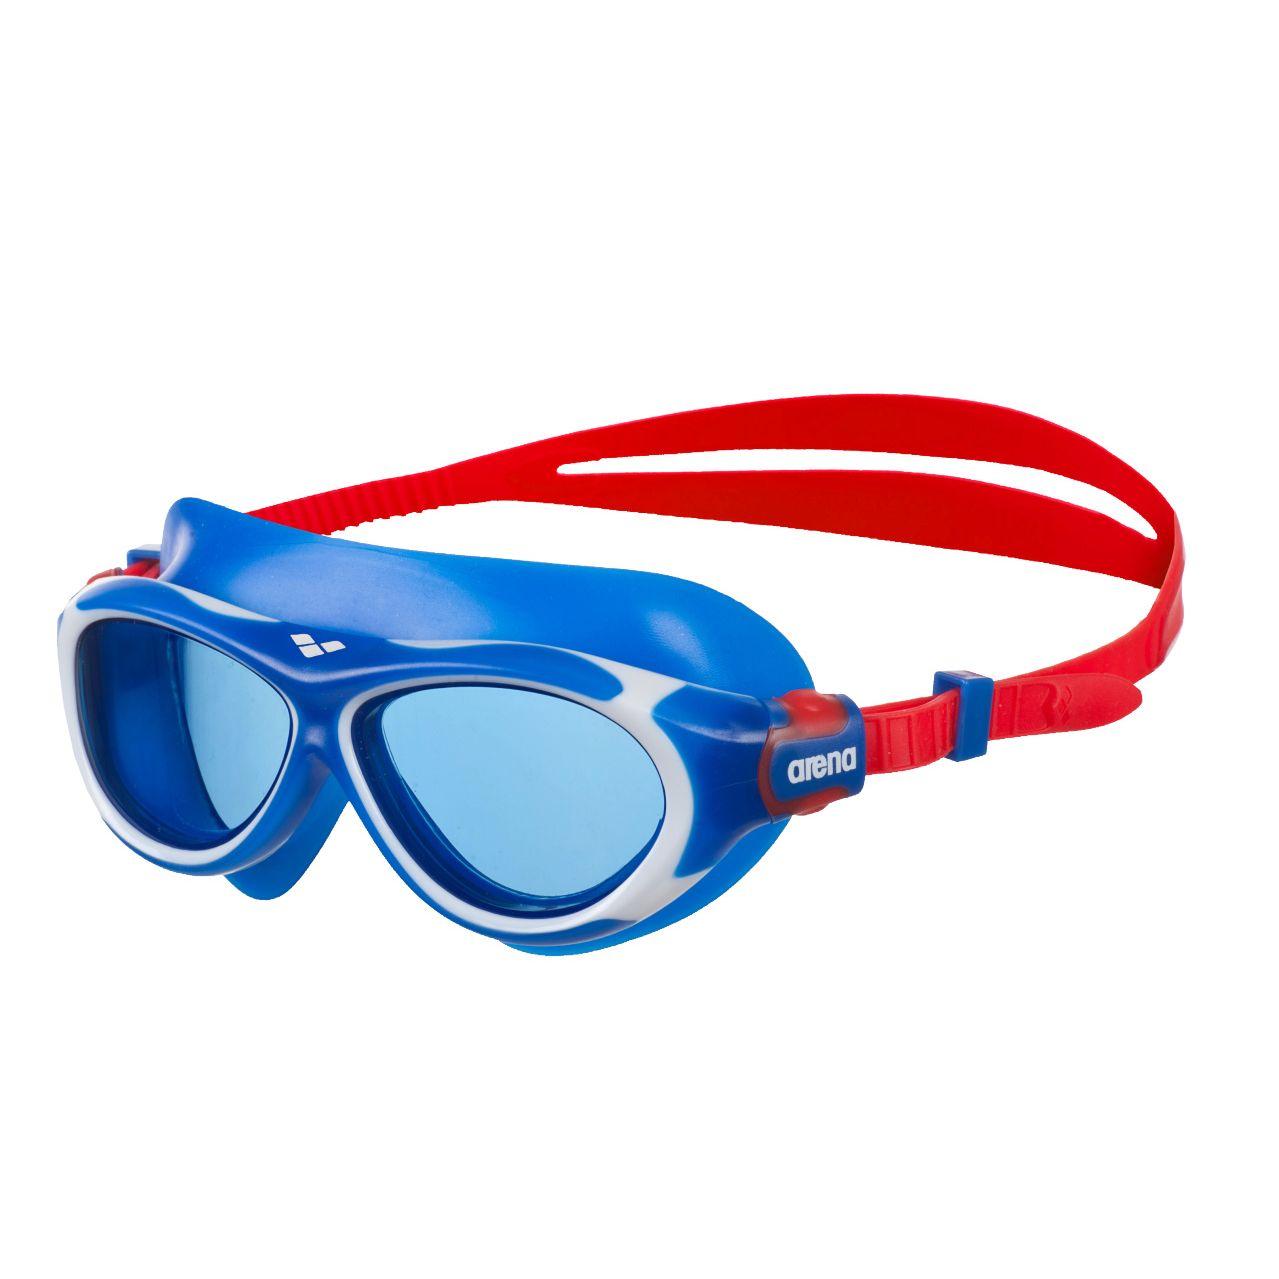 Goggles de Natación arena para Niños Oblo Junior_6780